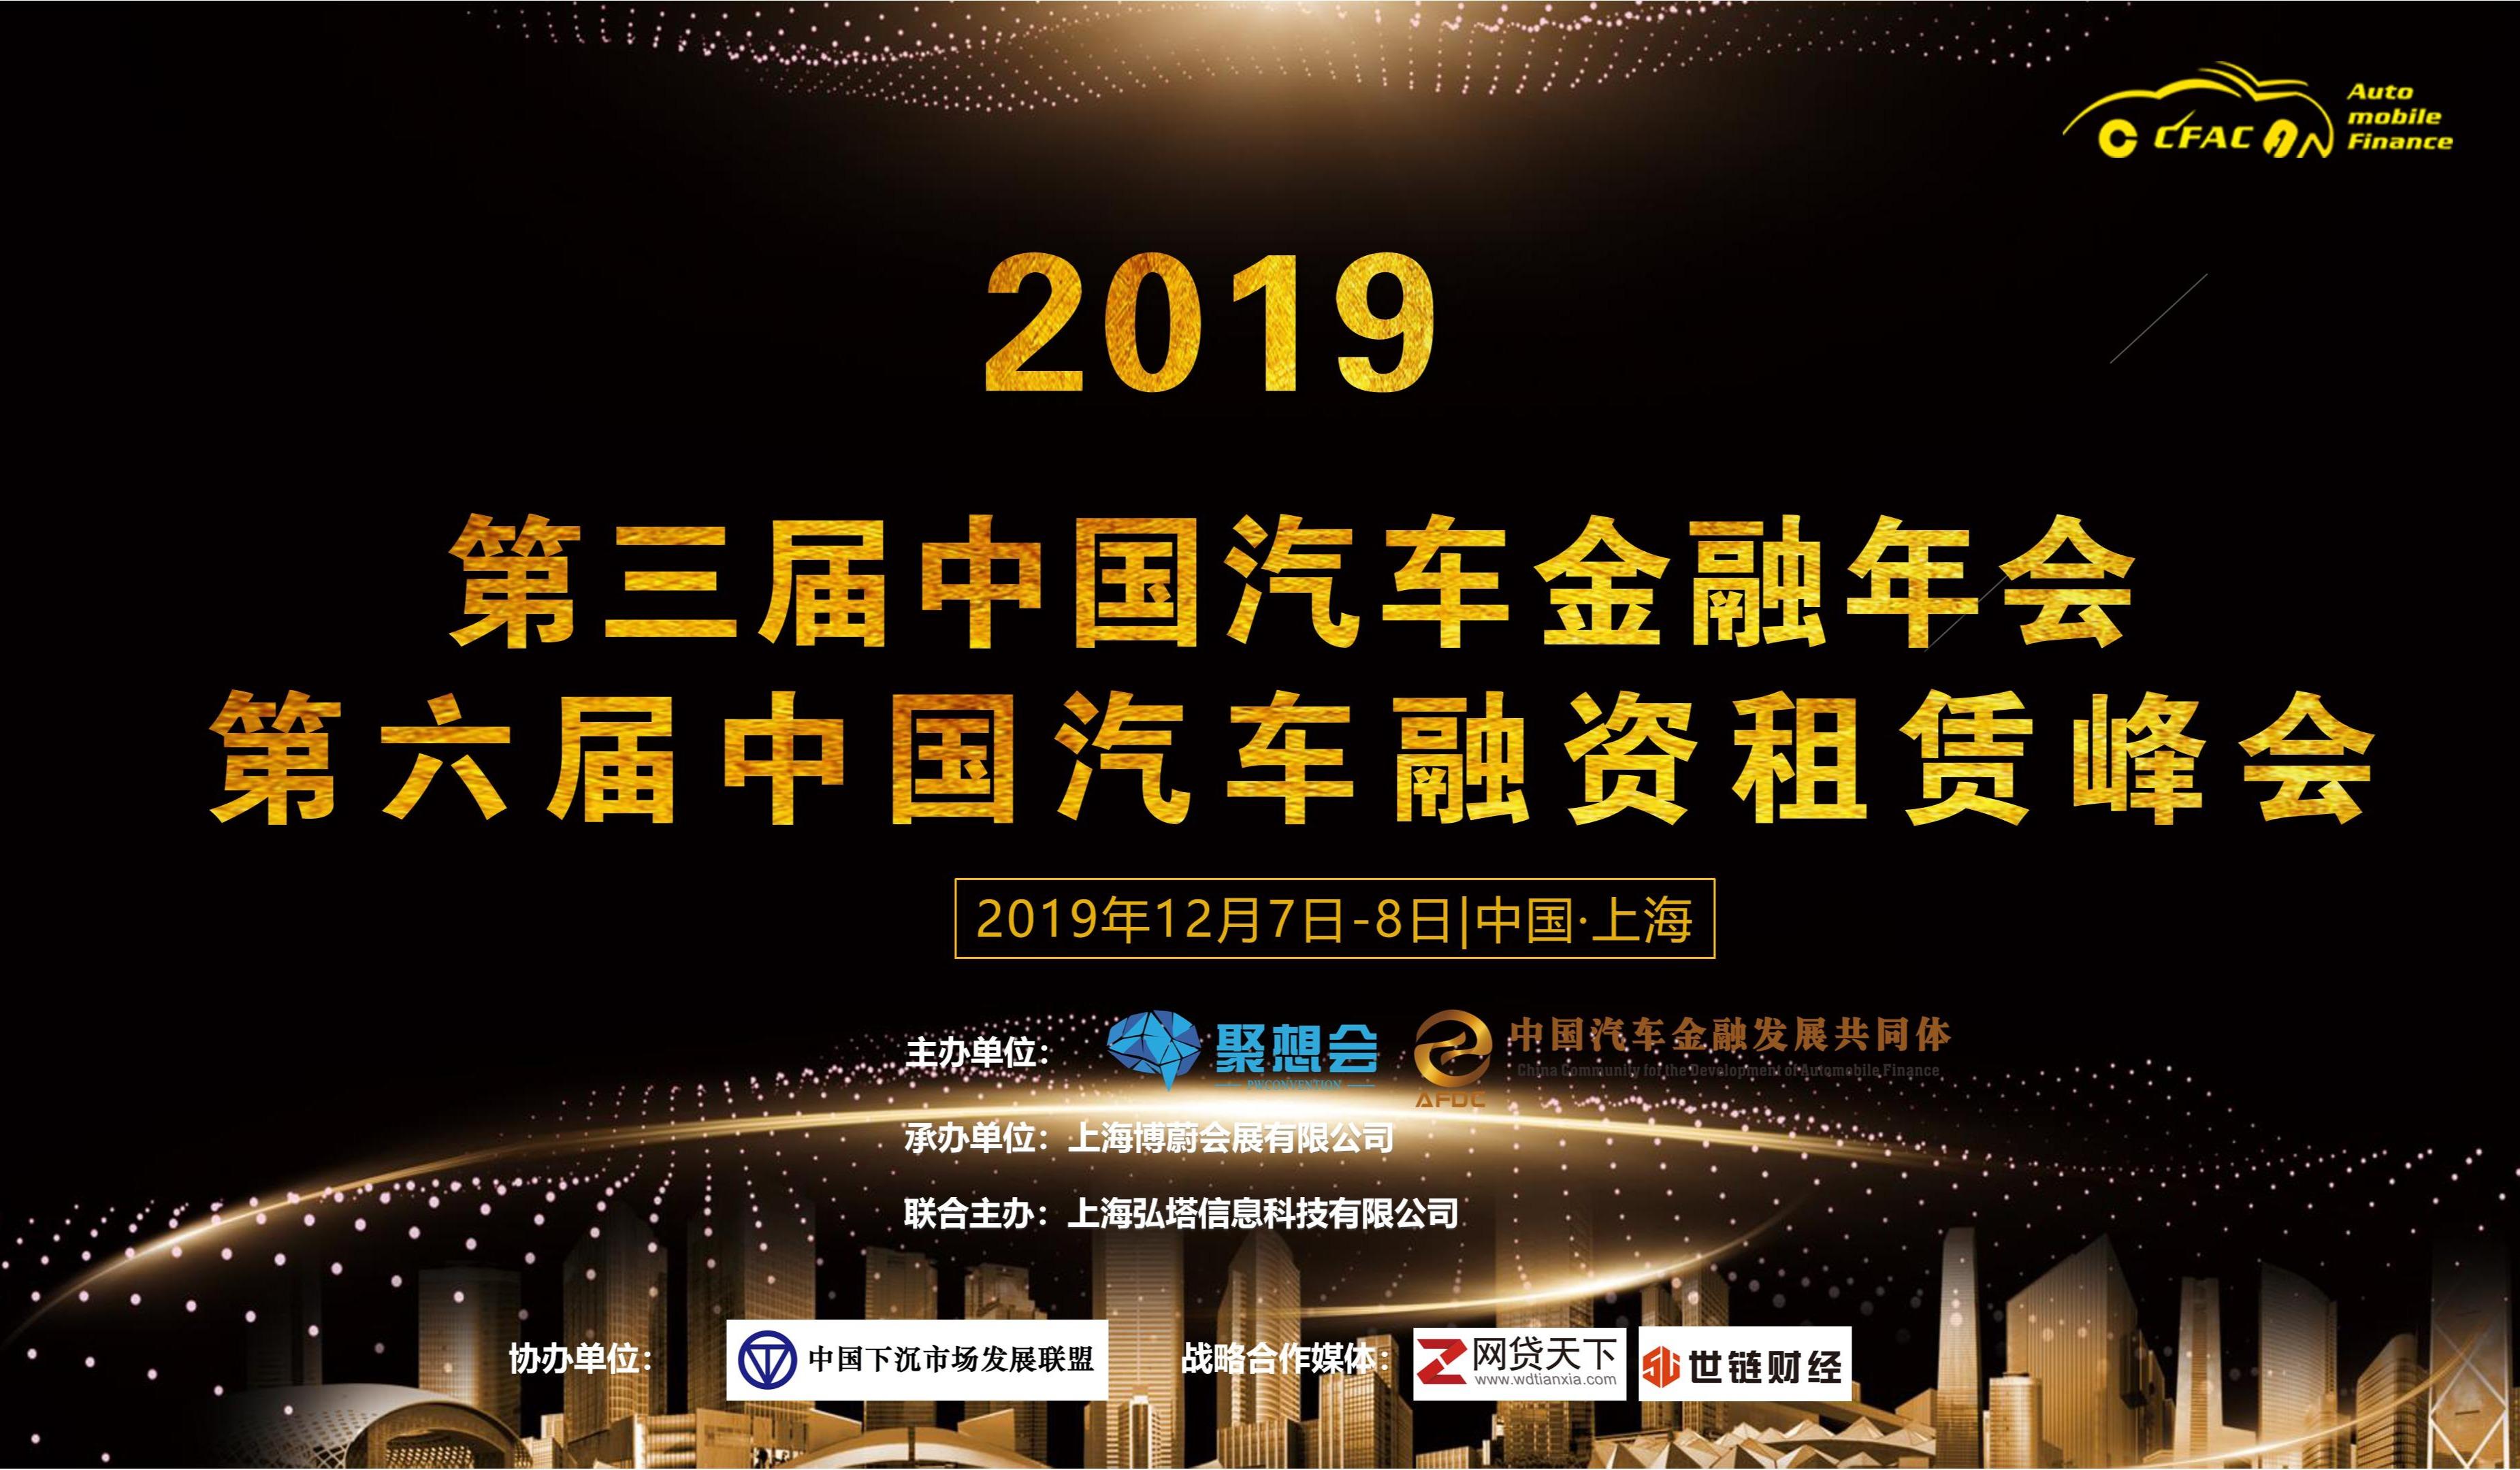 第三届中国互联网汽车金融年会